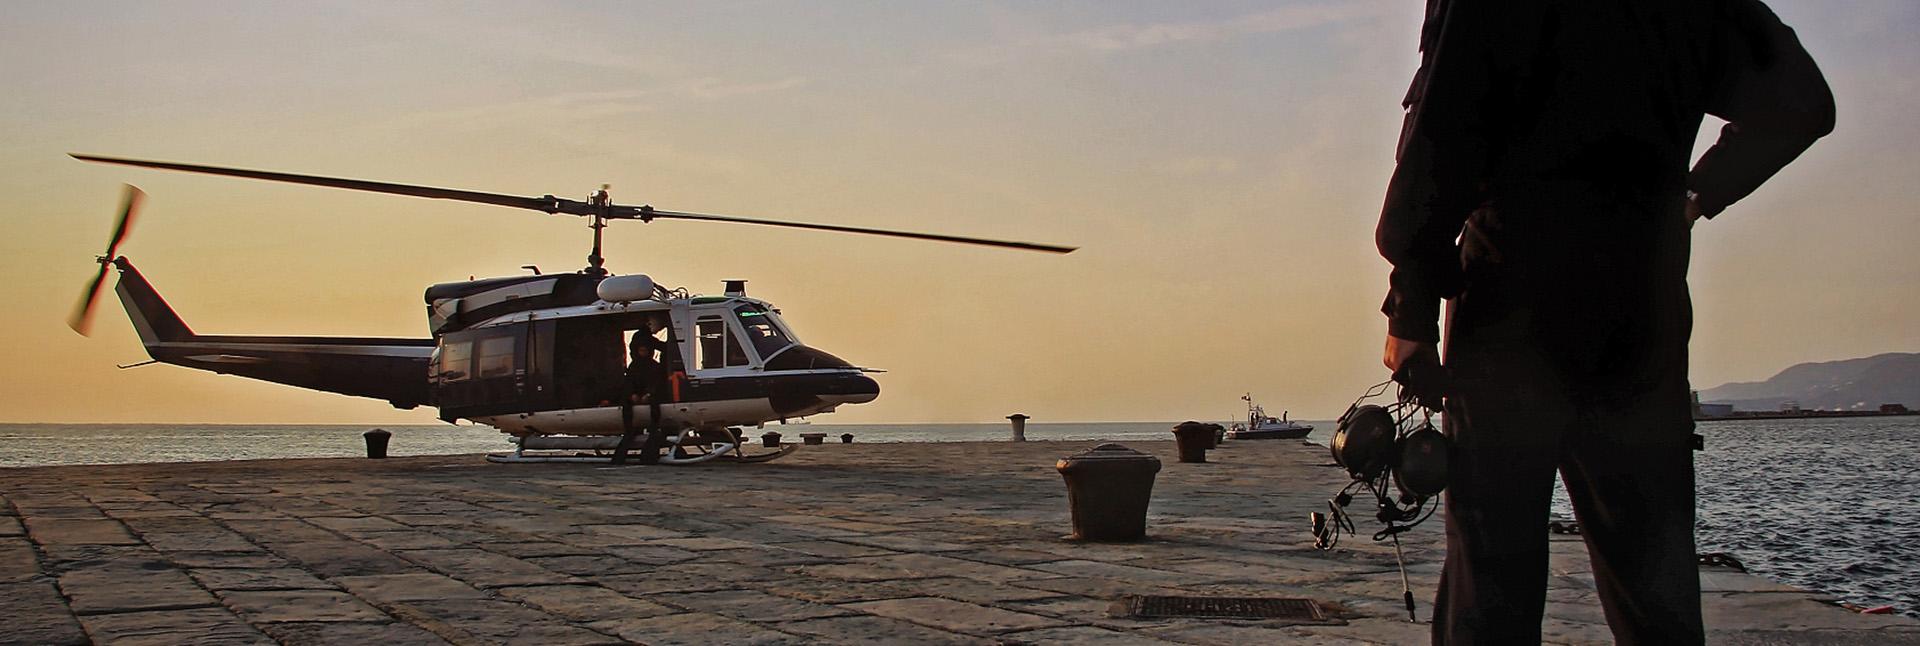 直升机销售公司